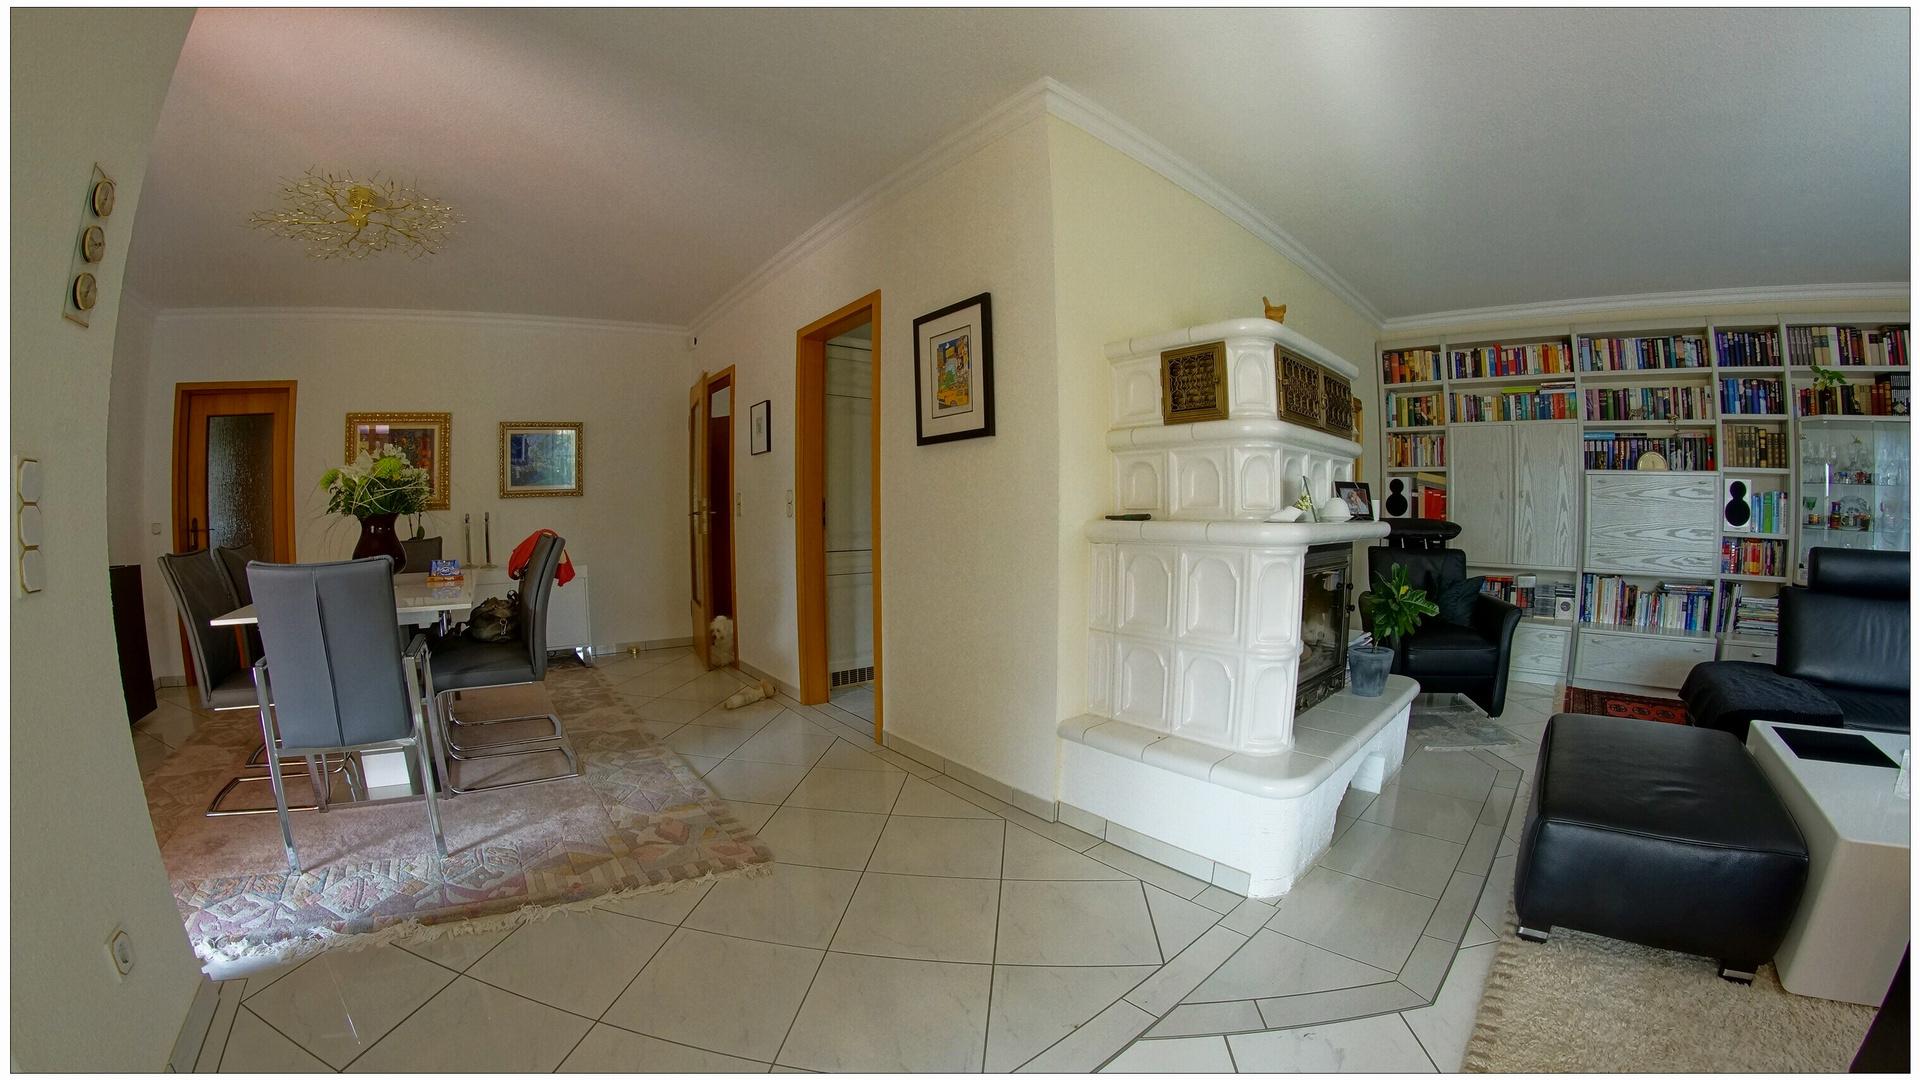 nuestro salón y comedor Foto & Bild | arquitectura, edificios ...